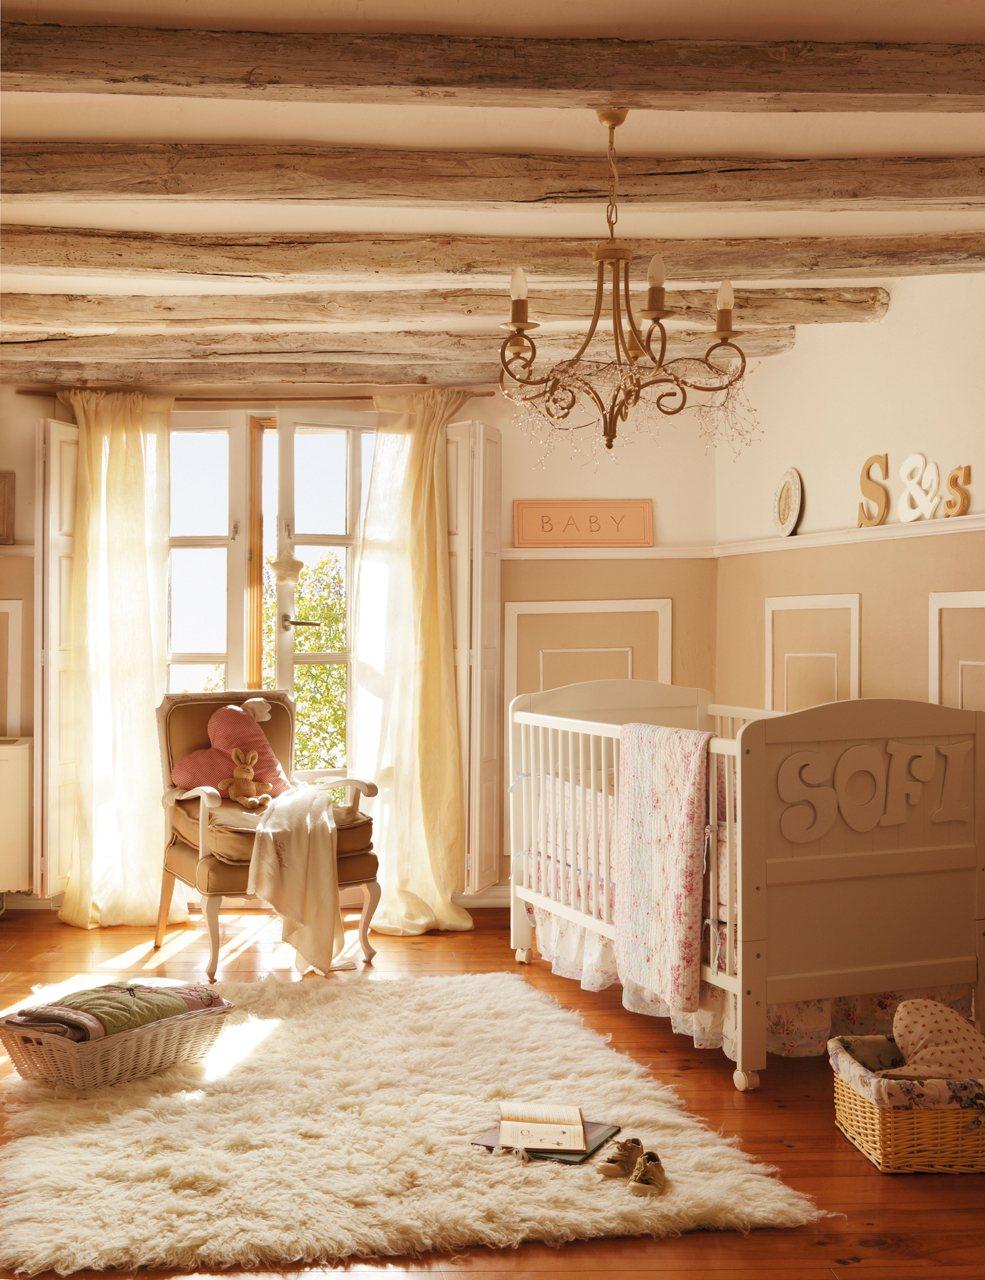 Pour décorer le plafond d'une chambre d'enfant dans le style provençal, les poutres décoratives avec un traitement inégal de couleur marron clair sont parfaites